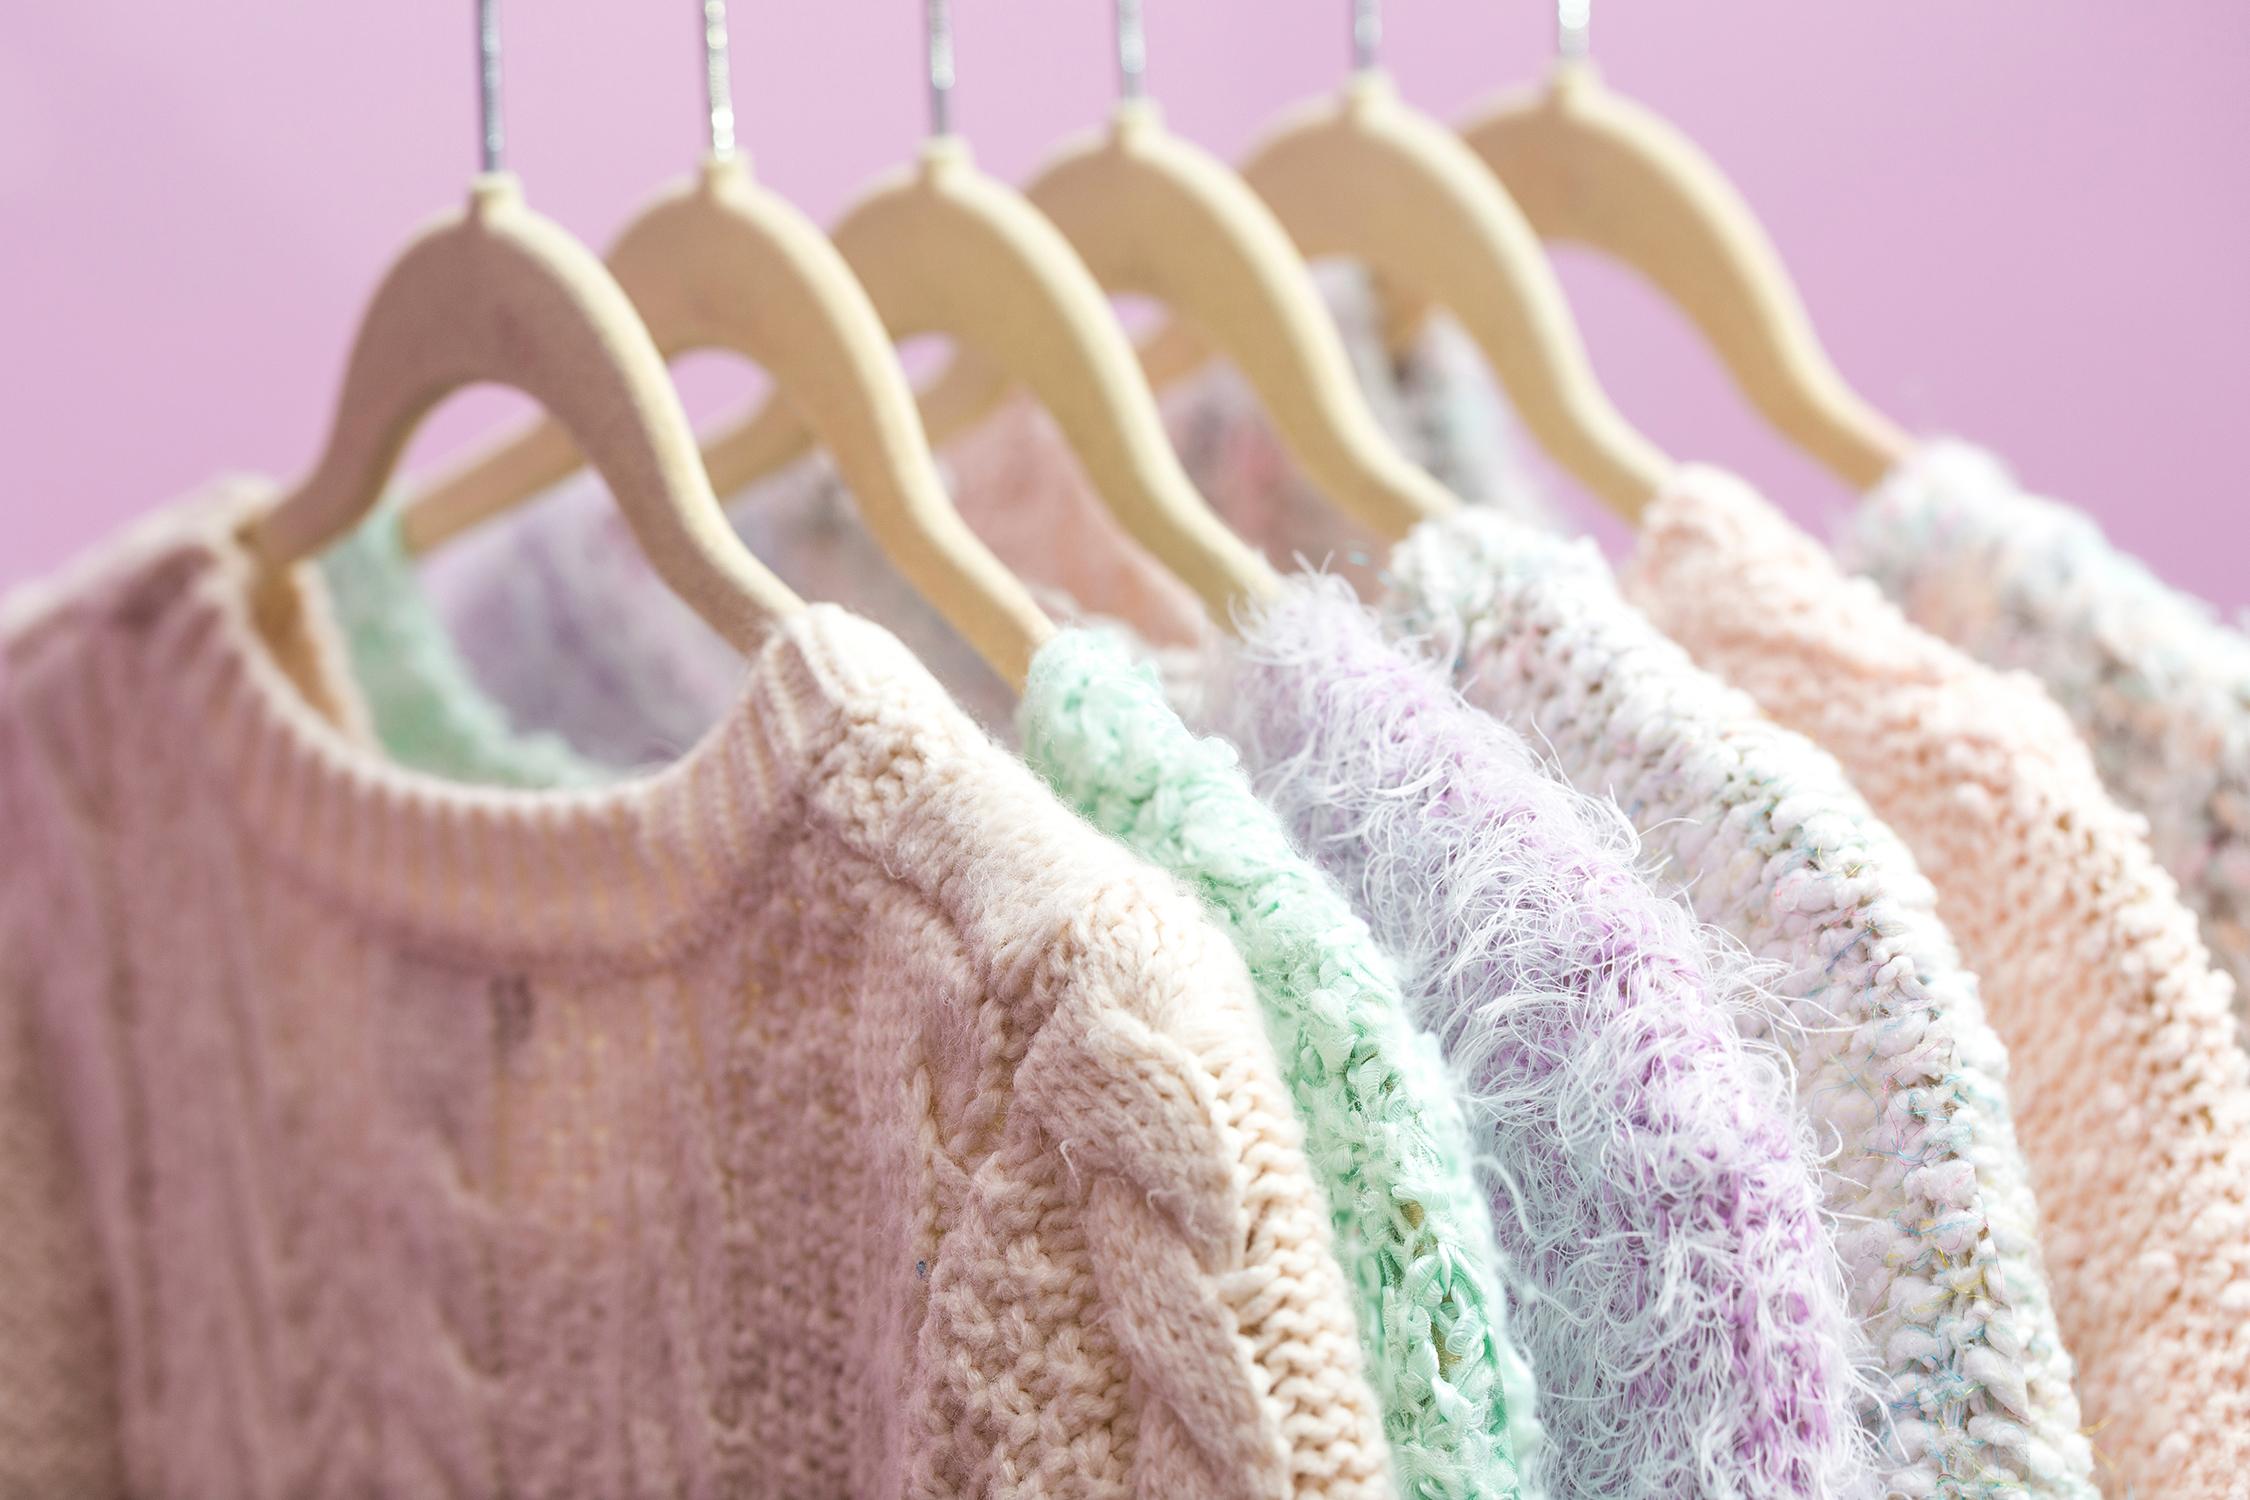 El Libro Amarillo Tendencias de Color Primavera 2021 Pastel-Neón sweaters colgados colores pastel